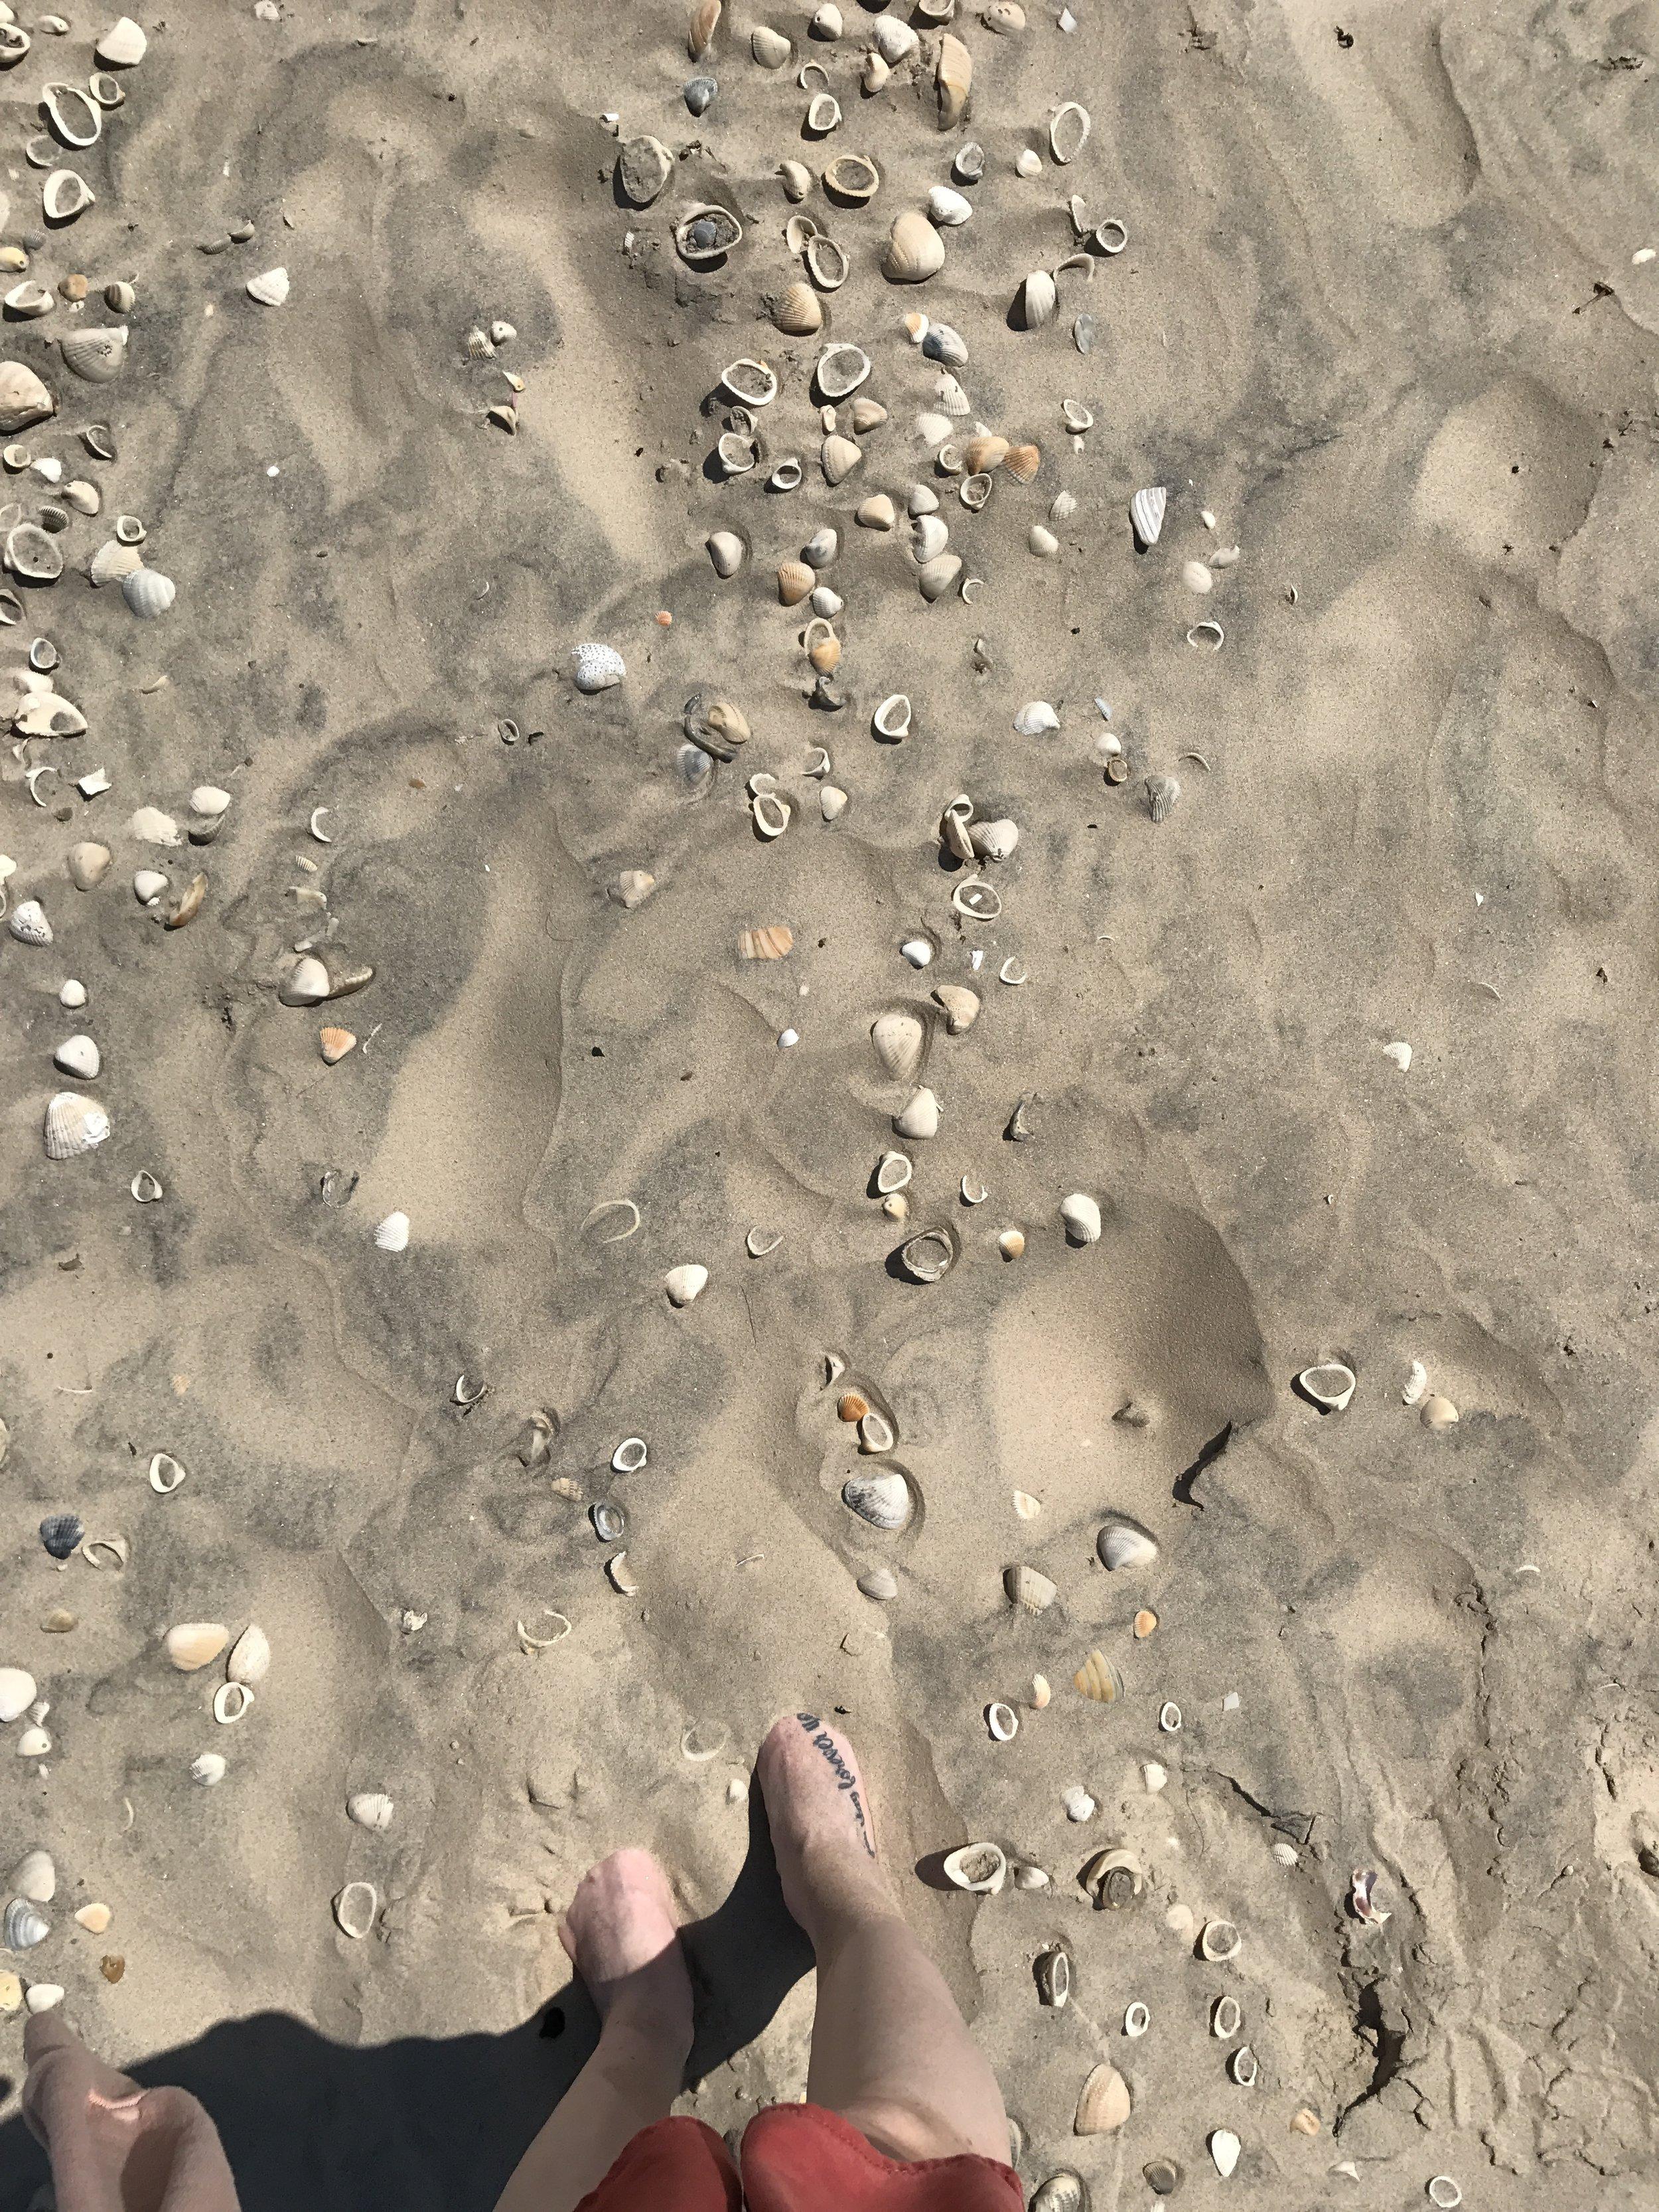 So many shells!